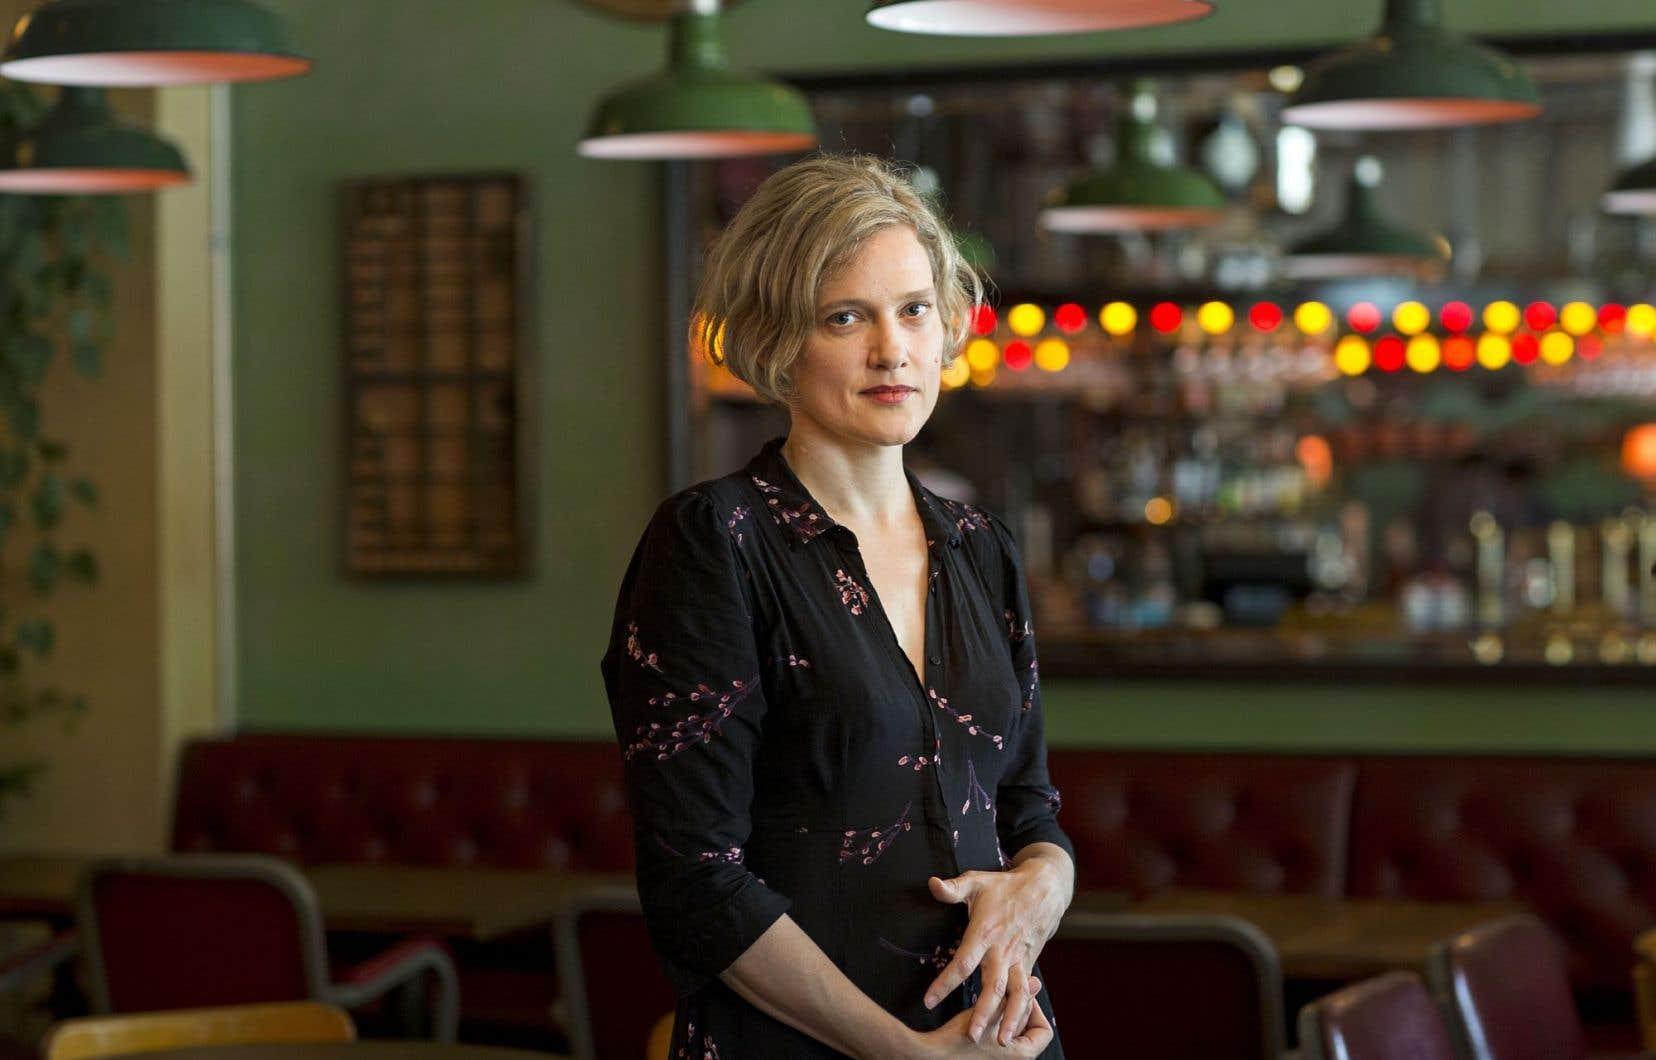 L'auteure québécoise Heather O'Neill voyage d'hier à aujourd'hui, faisant joyeusement fi des anachronismes.